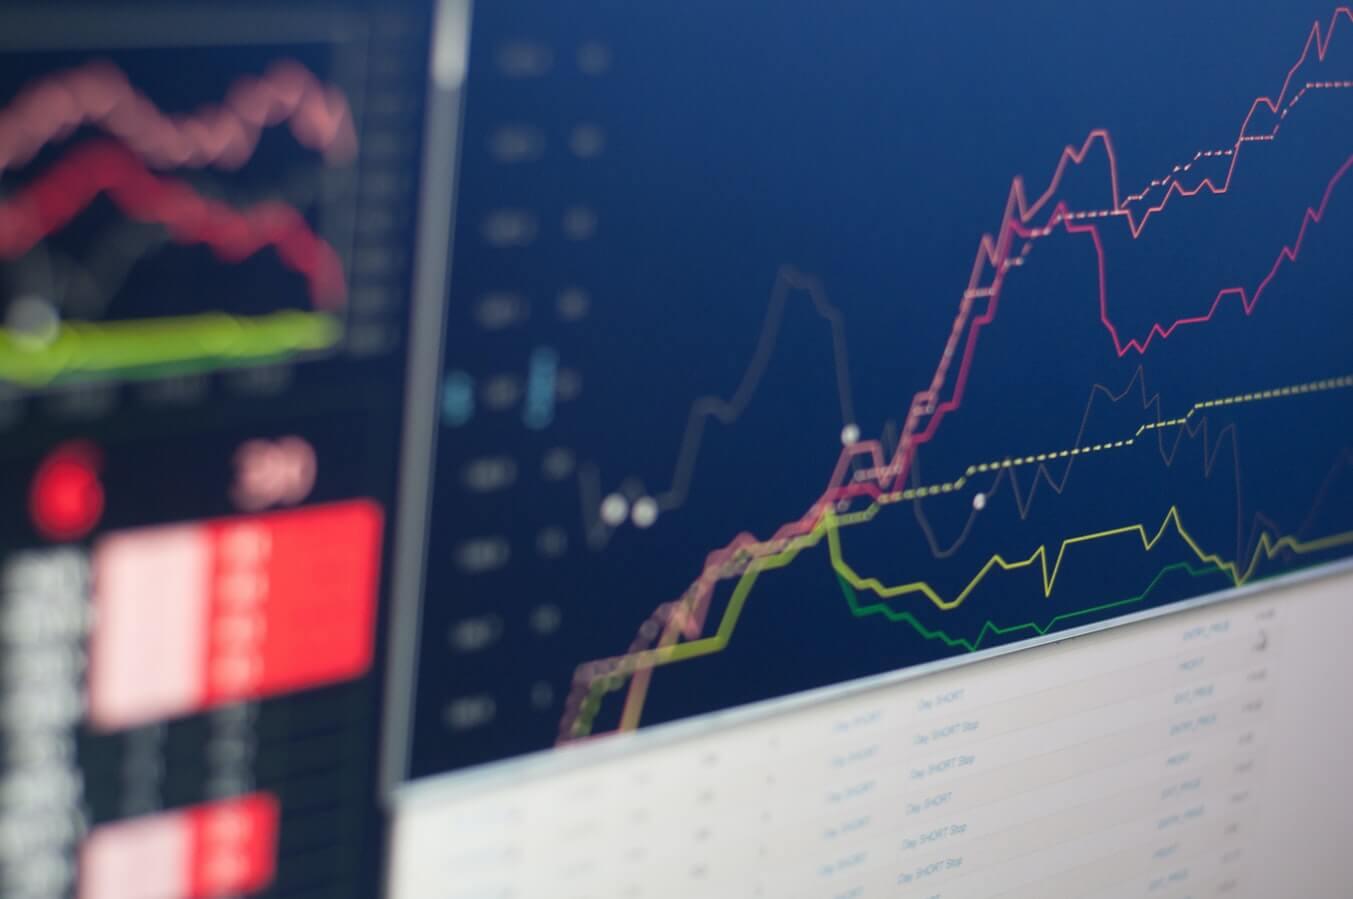 【投資】日経平均はどこまで上がるのかをチャートで予想してみる